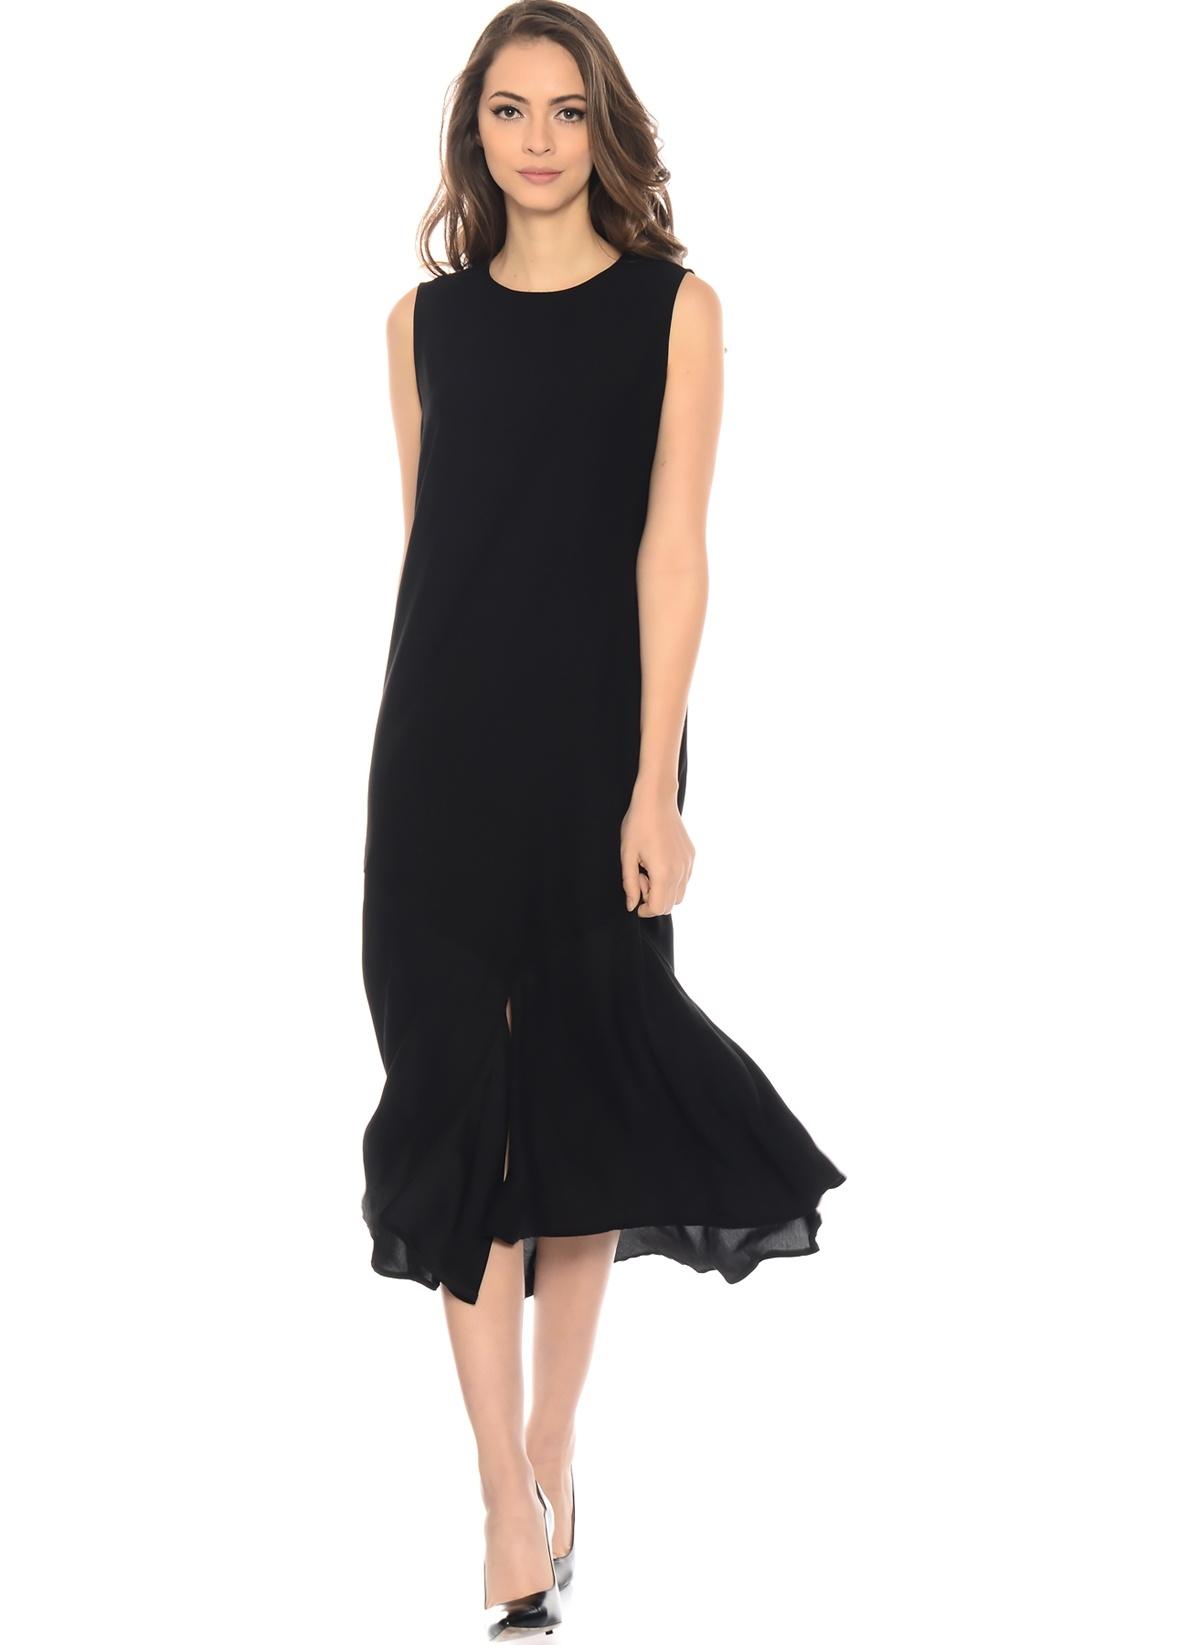 Beymen Studio Kadın Elbise Siyah 36 Beden